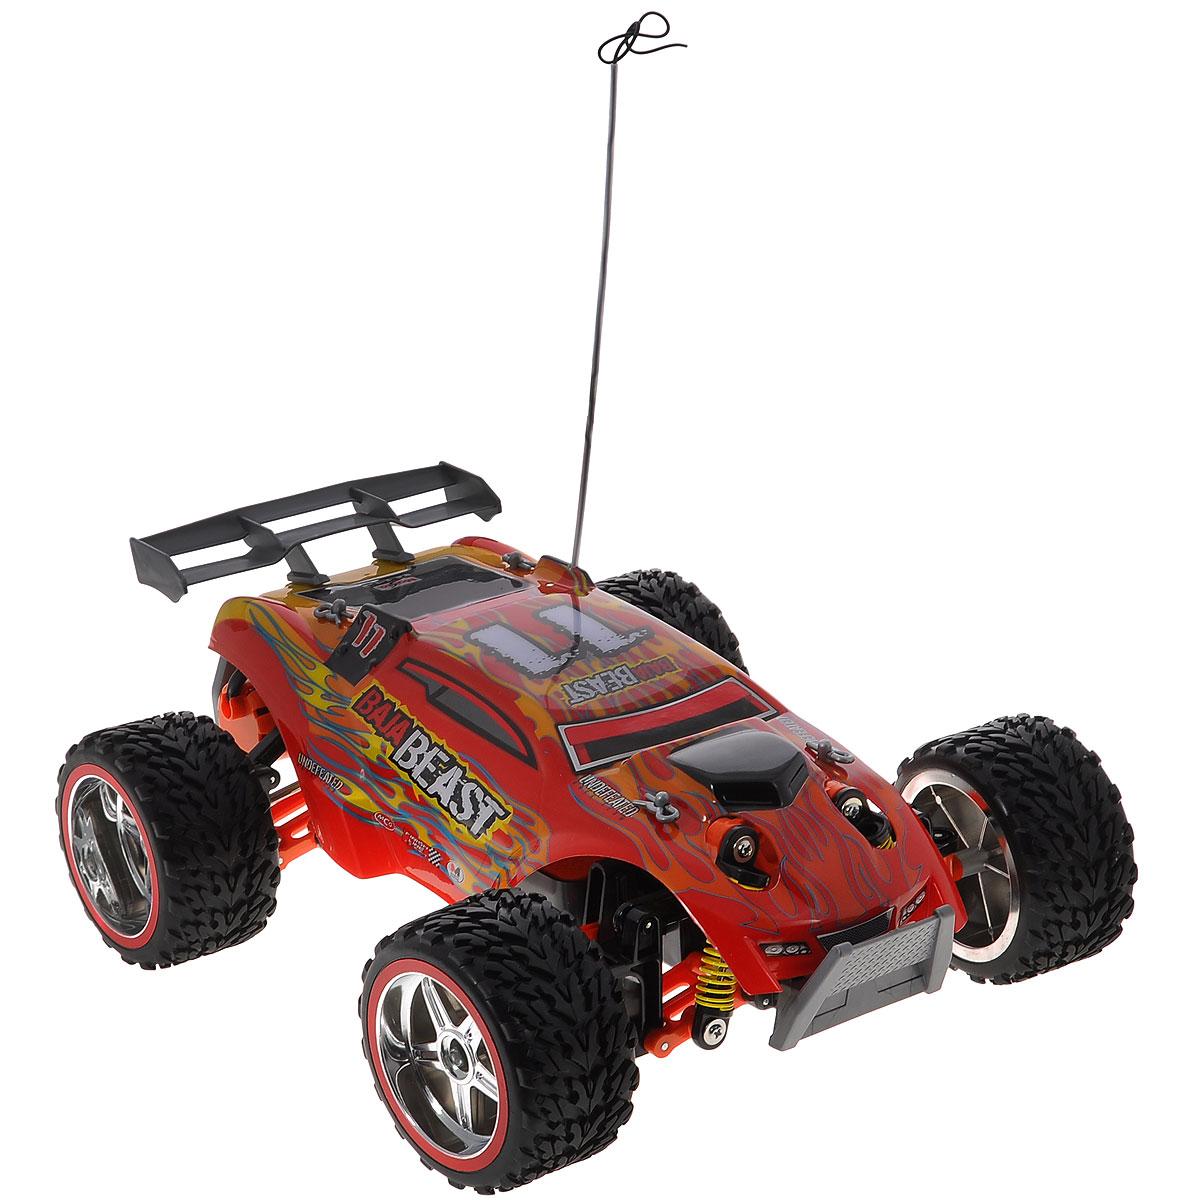 Maisto Радиоуправляемая модель Baja Beast цвет красный81132 R/UРадиоуправляемая модель Baja Beast с ярким динамичным дизайном обладает легким, но прочным каркасом, повышенной амортизацией колес и усиленной защитой. Все колеса машинки подпружинены. Модель оснащена ручной настройкой выравнивания передних колес. Скорость движения регулируется силой нажатия кнопки на пульте управления. Машинка движется вперед, дает задний ход, поворачивает влево и вправо, останавливается. Пульт управления имеет три канала, что позволяет одновременно играть трем игрокам. Такая модель станет отличным подарком не только любителю автомобилей, но и человеку, ценящему оригинальность и изысканность, а качество исполнения представит такой подарок в самом лучшем свете. Машина работает от аккумулятора 7,2V (входит в комплект), пульт управления работает от батареи напряжением 9V (входит в комплект).